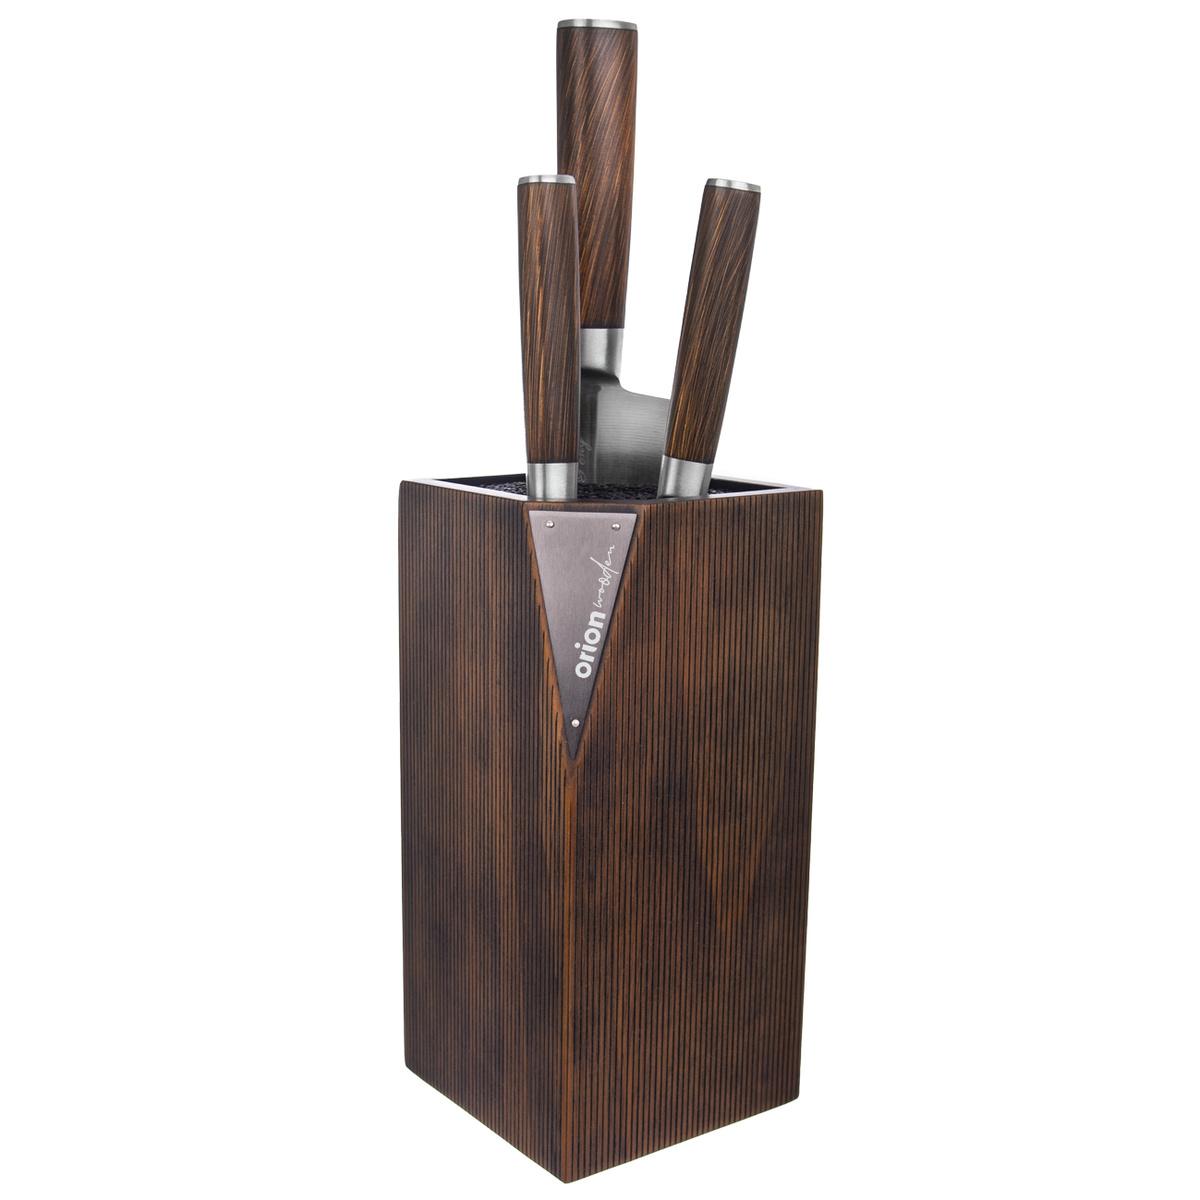 Orion Dřevěný stojan na nože Wooden